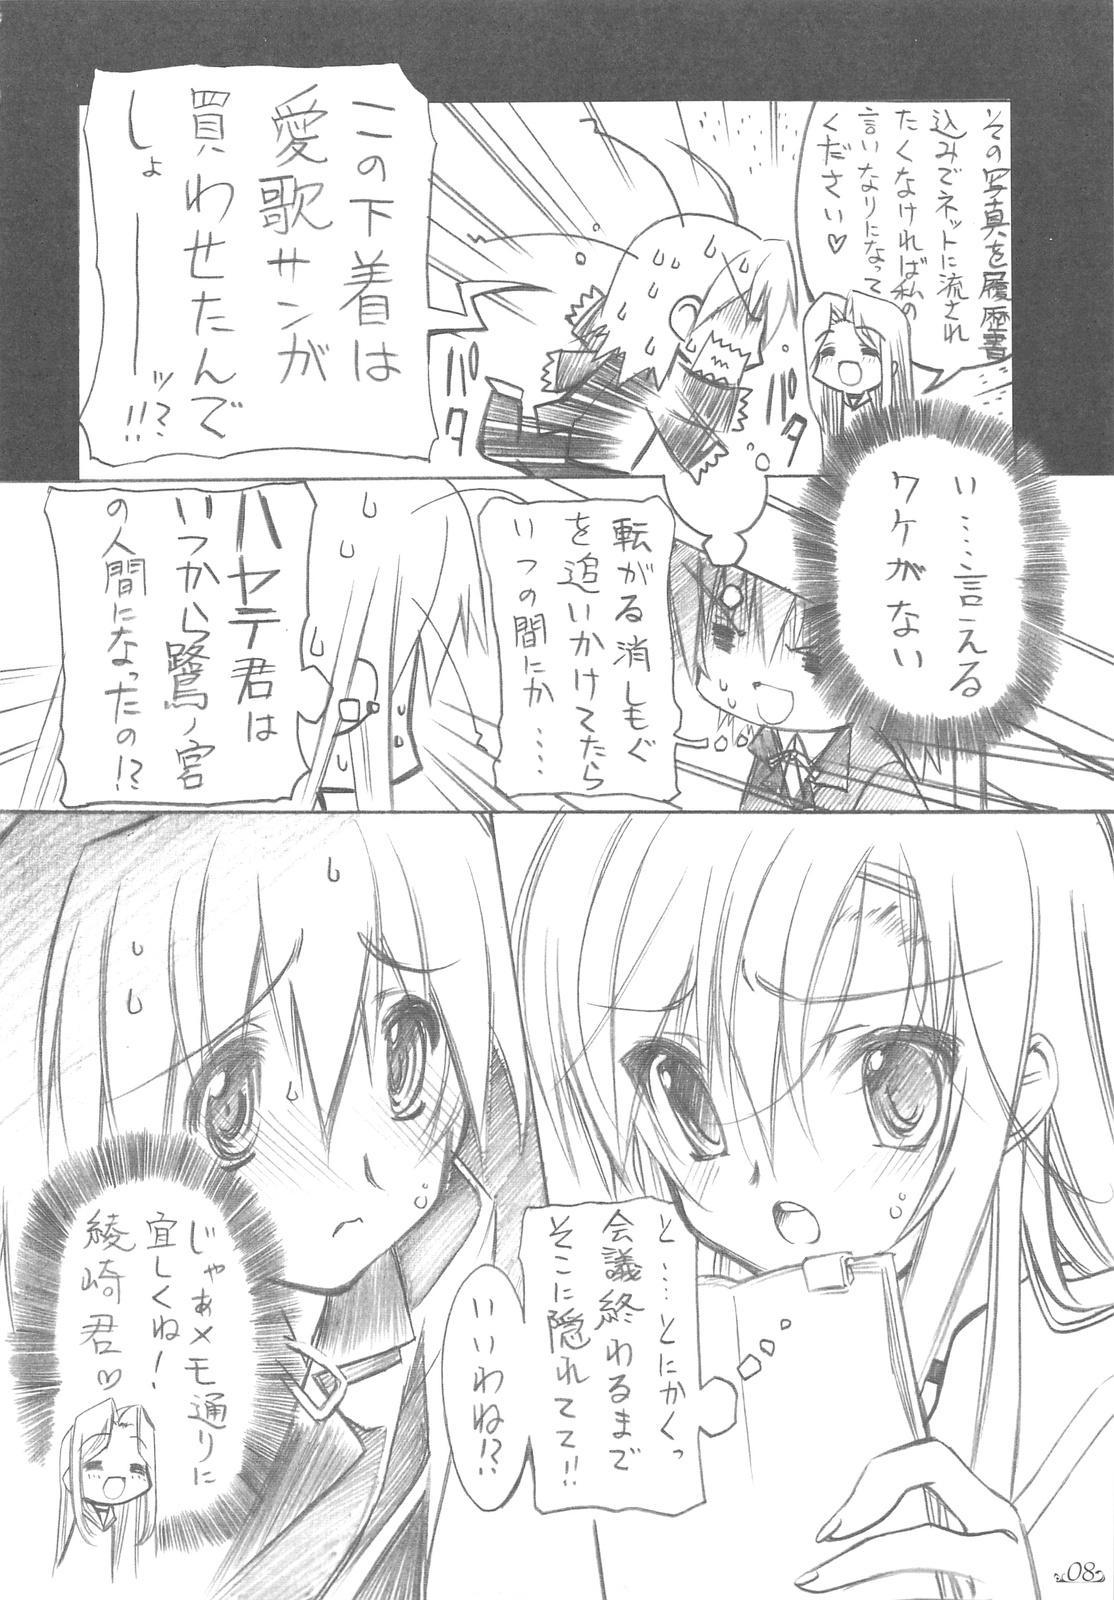 Honogurai Taku no Shita Kara 6